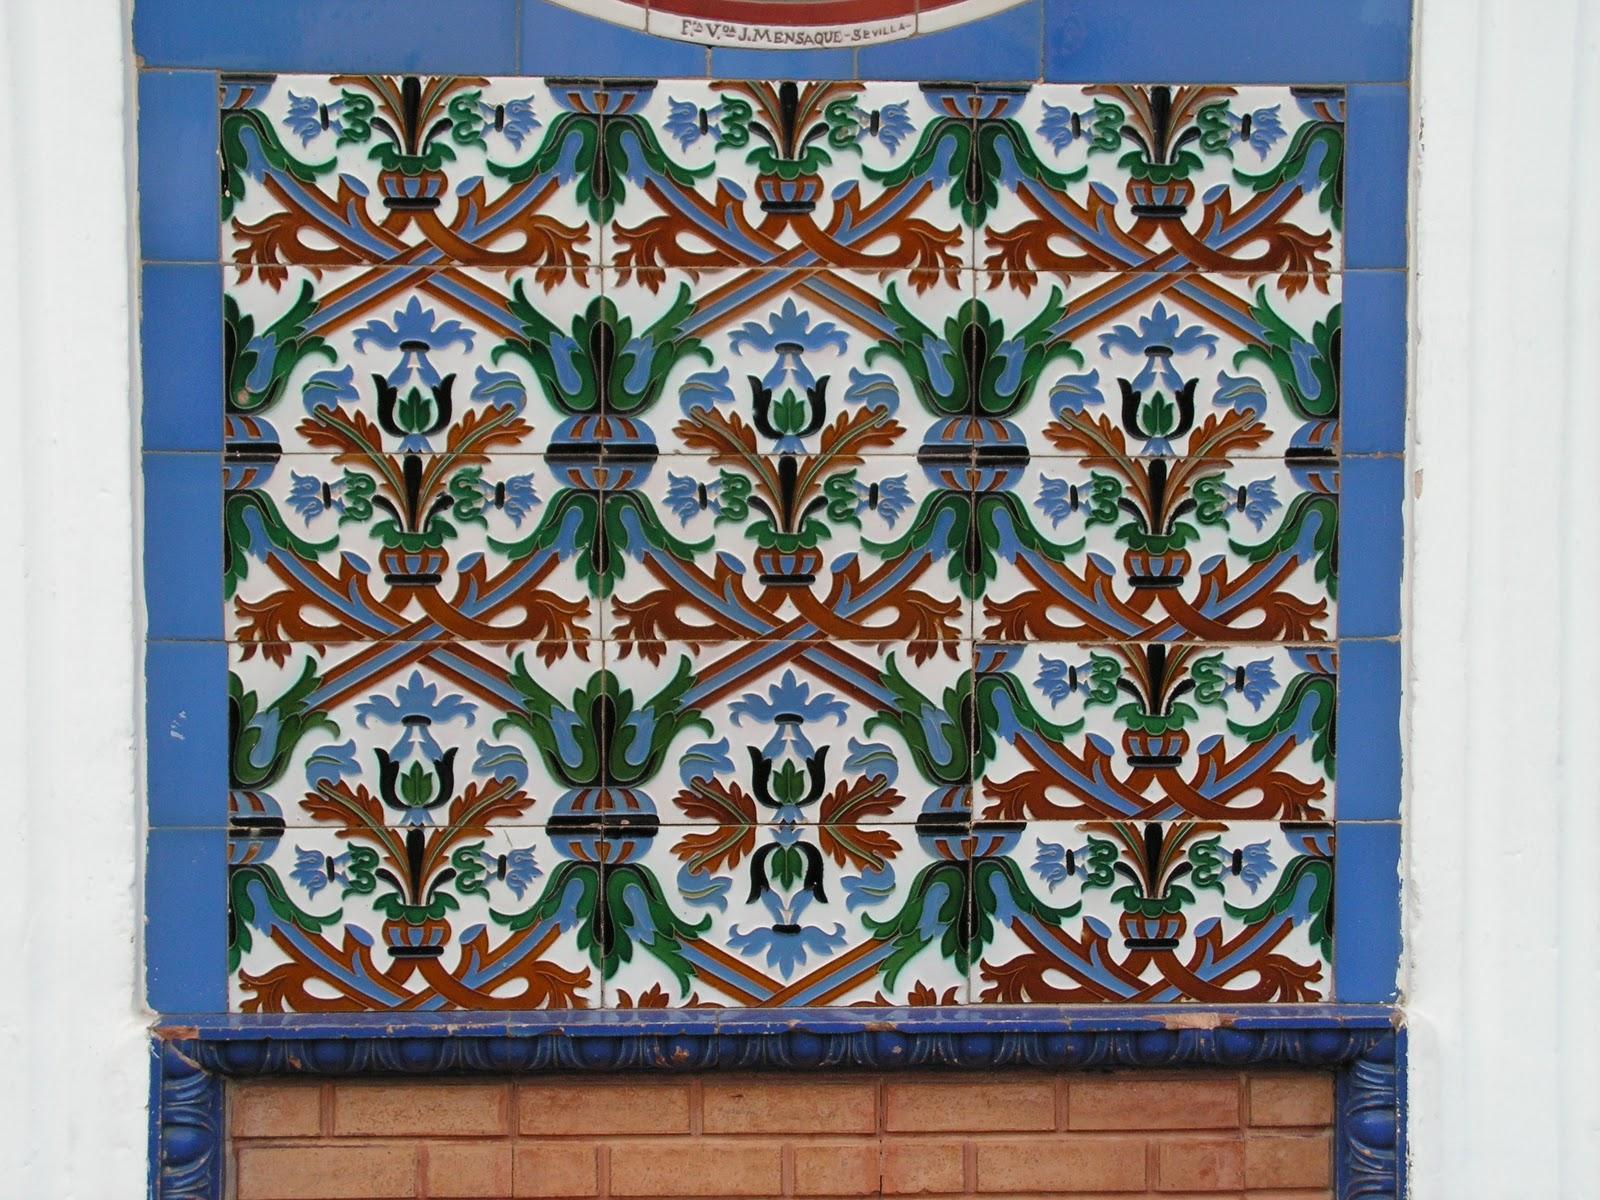 Wunderkammer publicidad en azulejo la fuente real for Azulejos decorativos